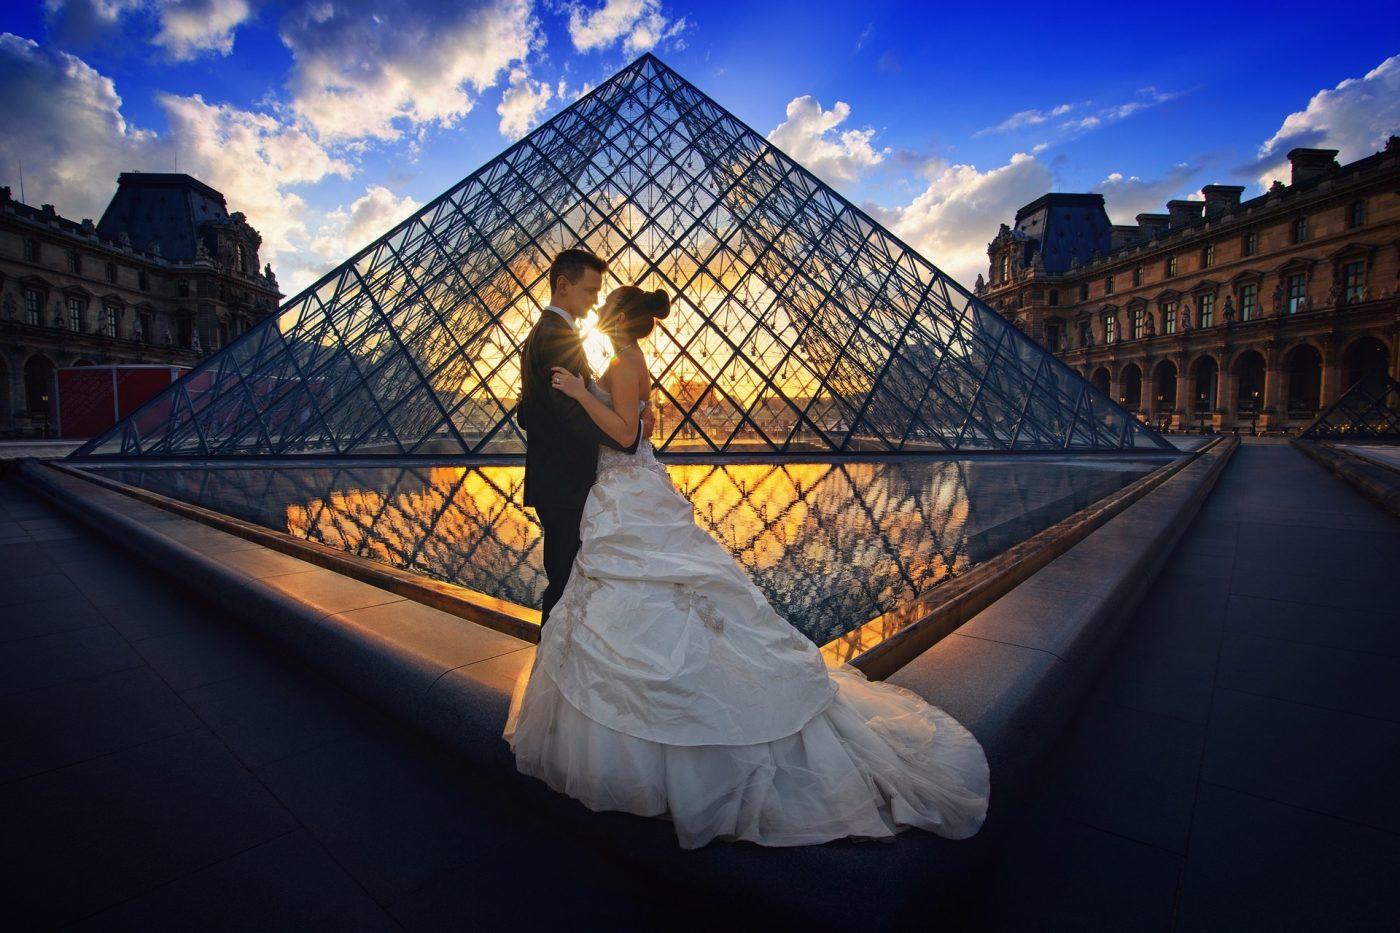 Hää-Pariisi-2966297_1920-1400x933